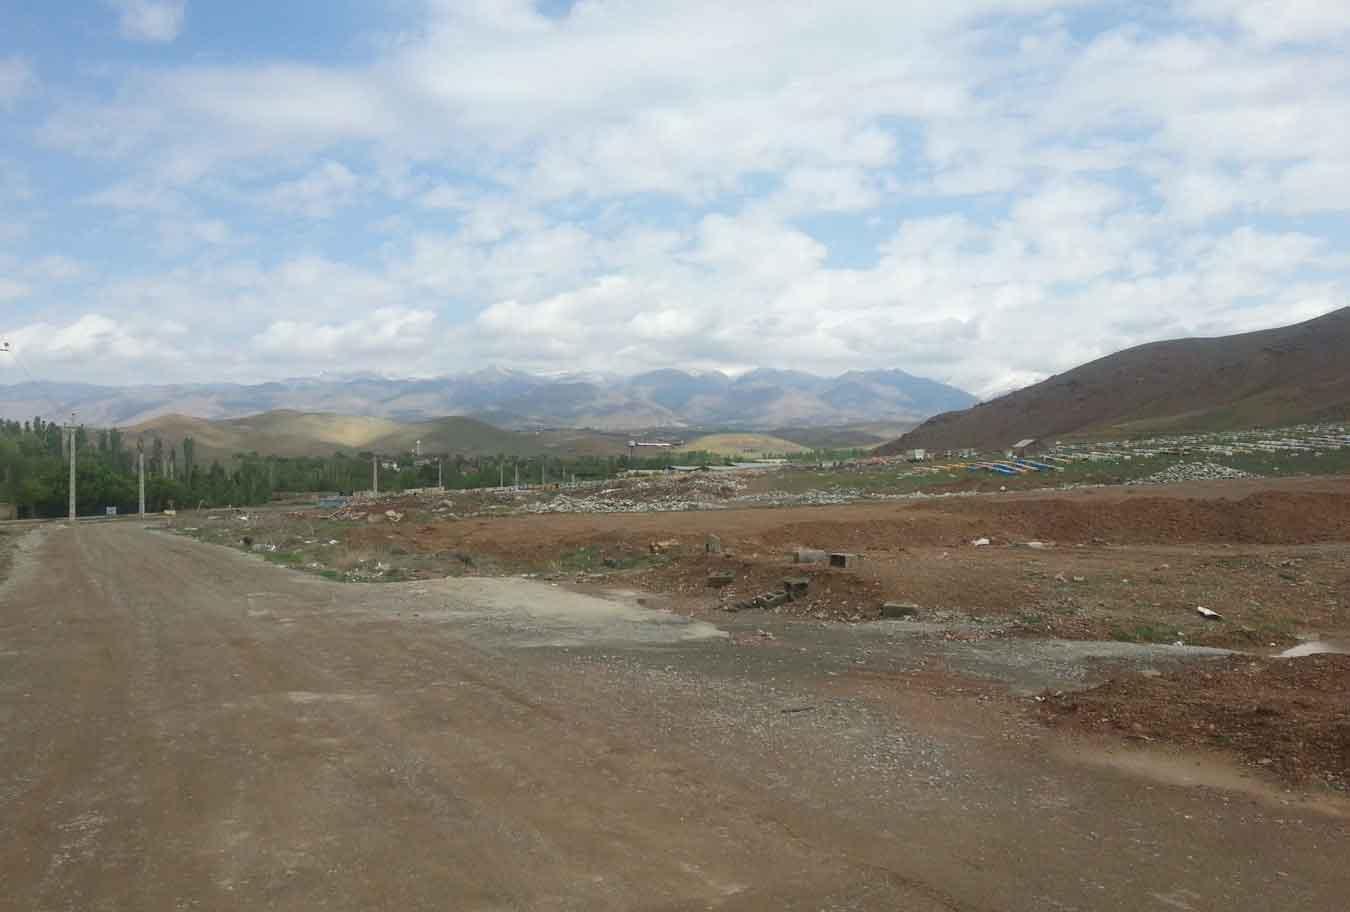 بخش شمالی روستای کردان جاده برغان